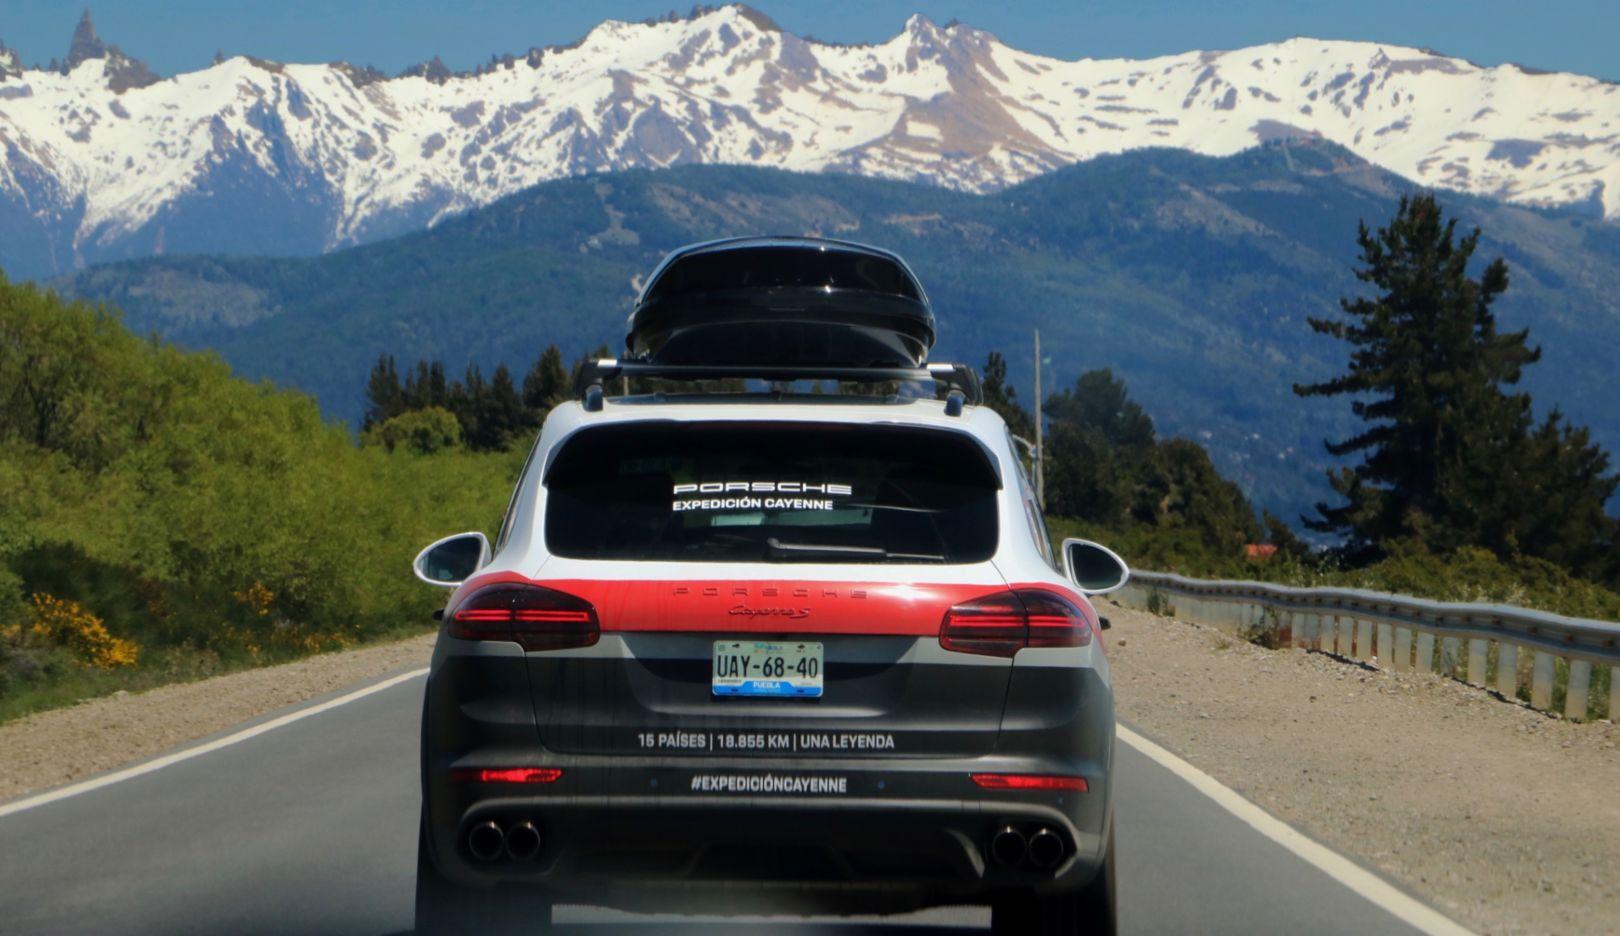 Cayenne S, Expedicion Cayenne, Andes Mountains, San Carlos de Bariloche, Argentina, 2018, Porsche AG